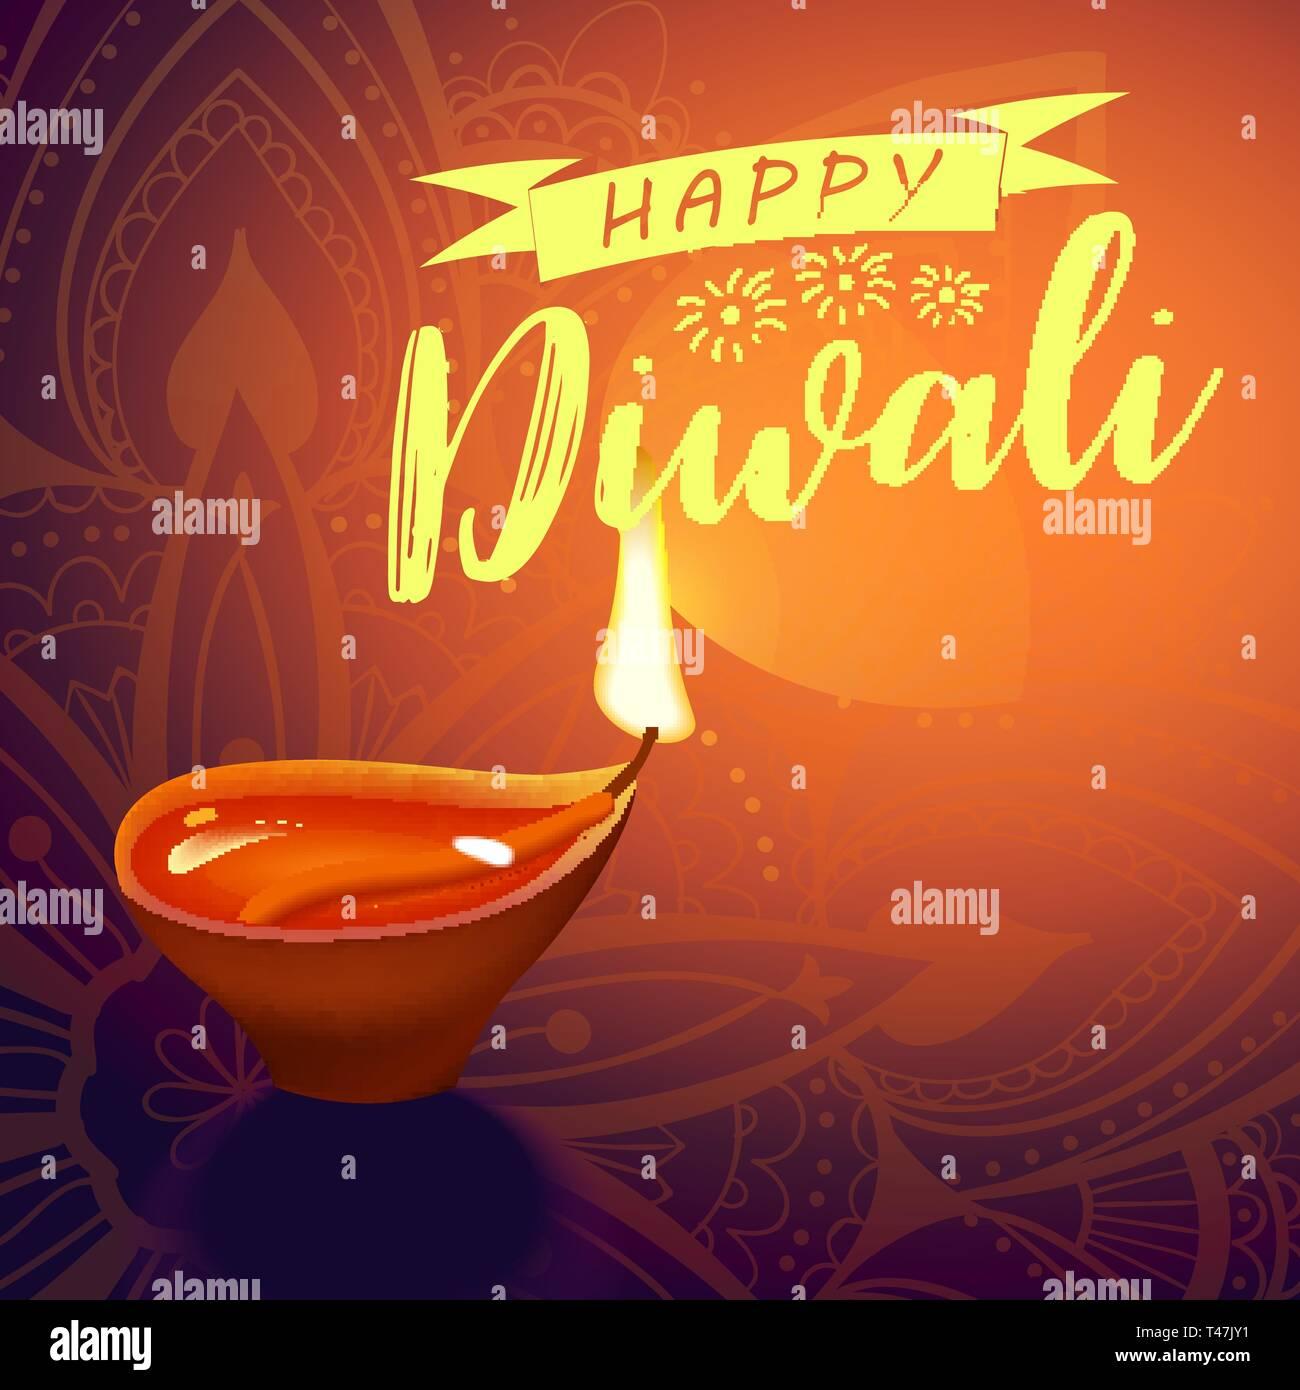 Carte postale pour Diwali festival avec lampe indien réaliste avec feu flamme et mandala. Happy Diwali concept, en 1914. Typographie affiche ou logo pour Photo Stock